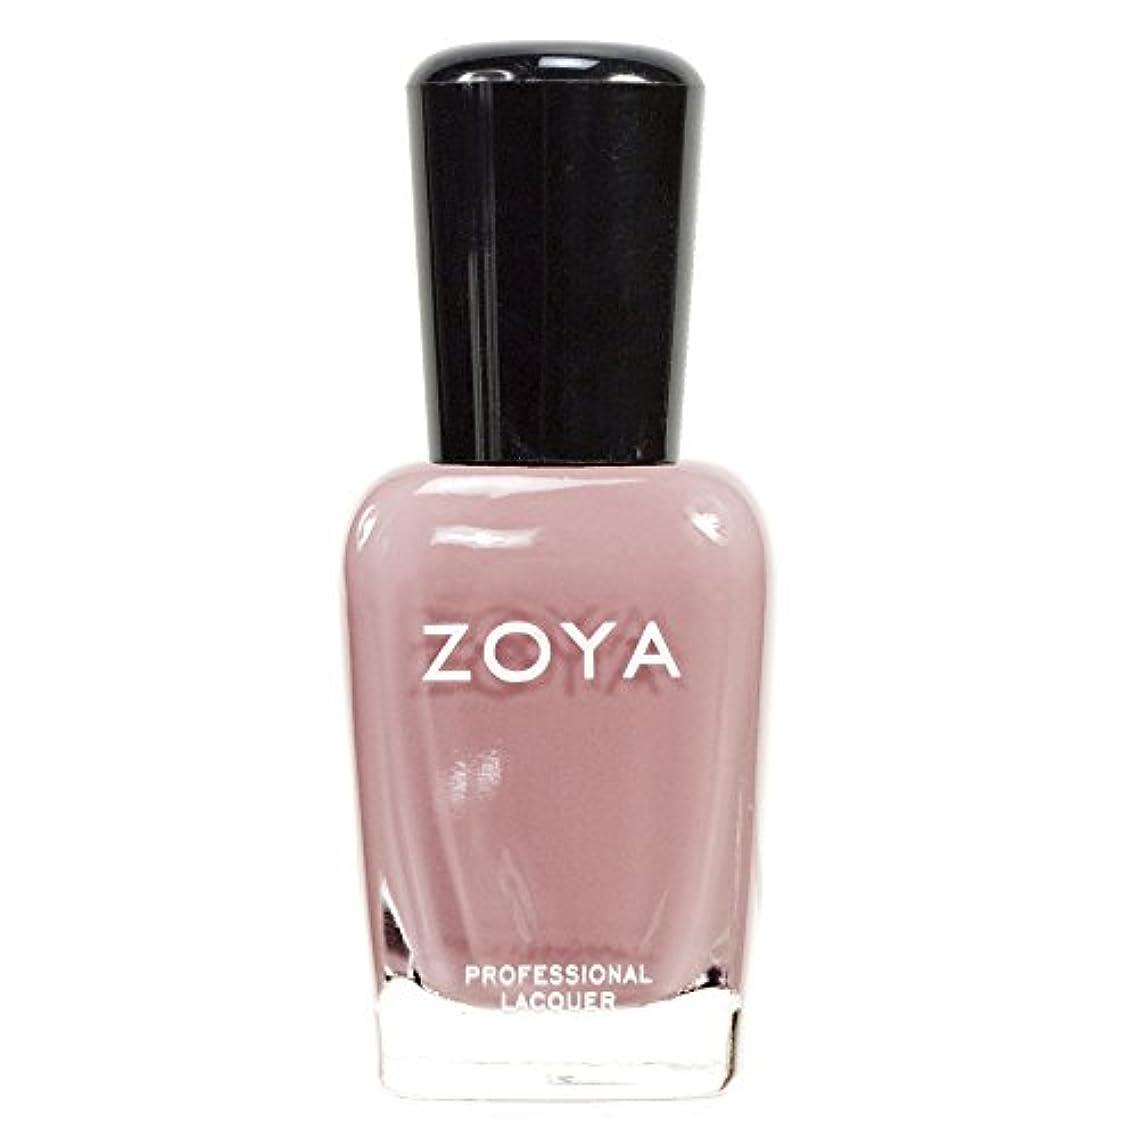 不信許容できるソーダ水ZOYA ゾーヤ ネイルカラーZP244 MIA ミア 15ml グロッシーなモーブピンク マット/クリーム 爪にやさしいネイルラッカーマニキュア